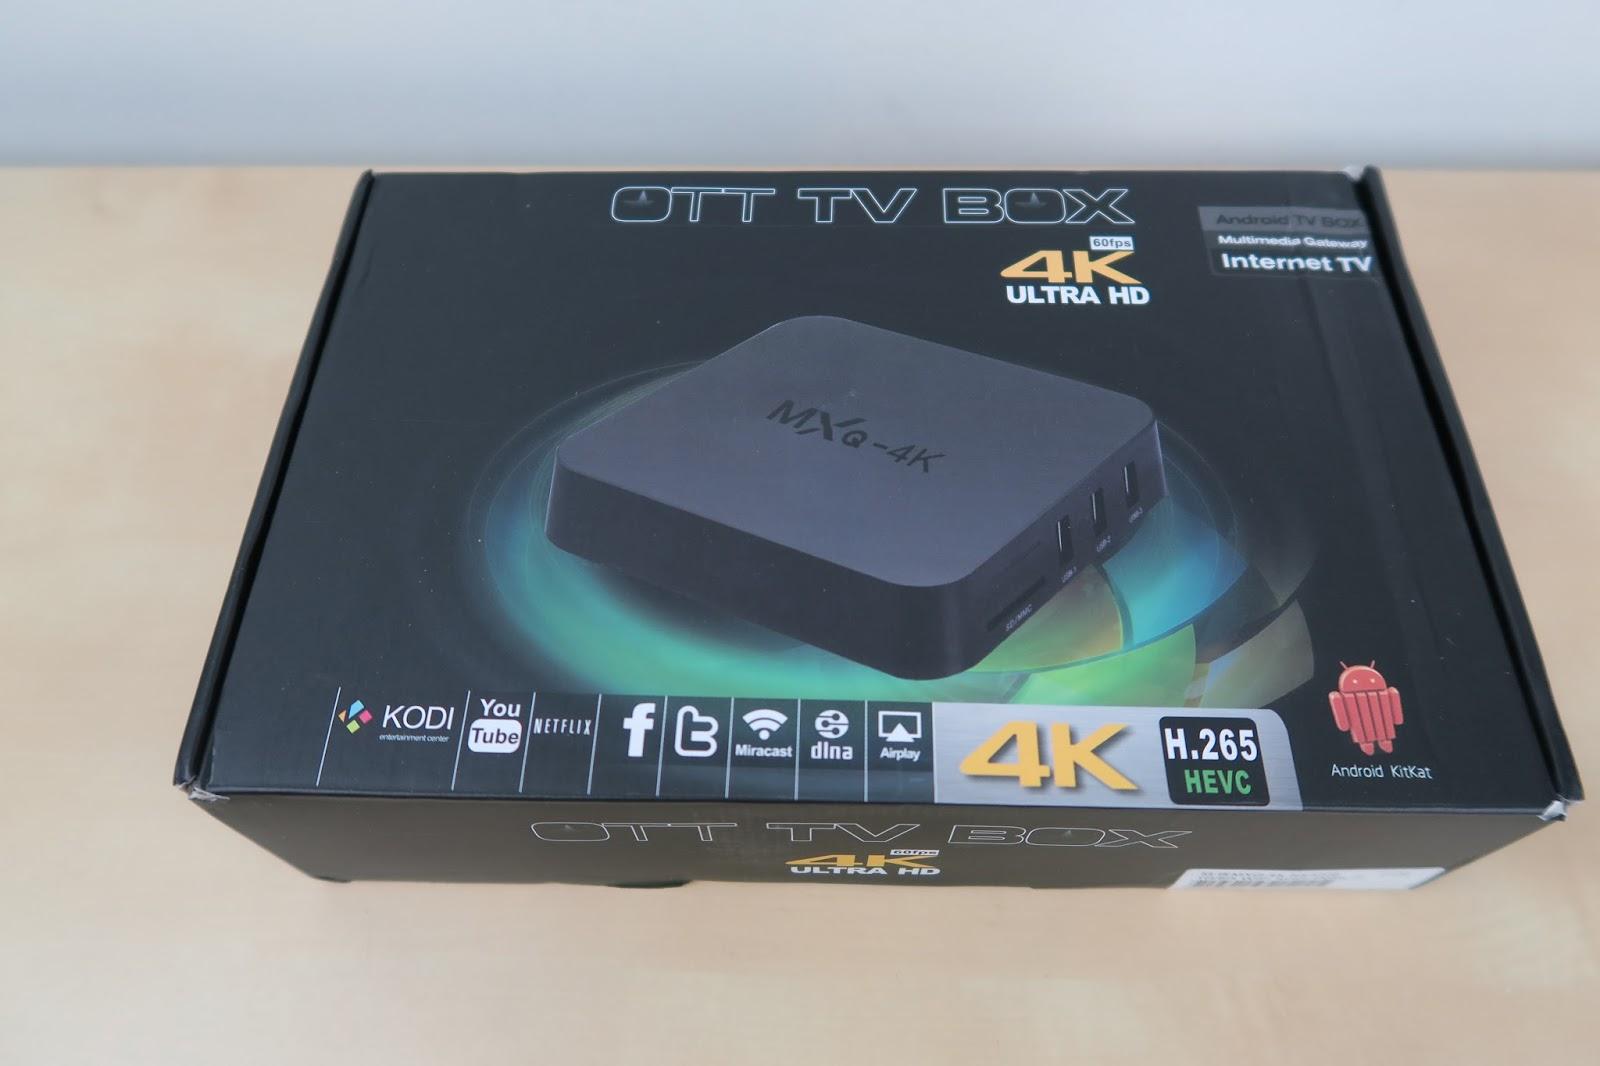 como fazer backup do firmware tv box